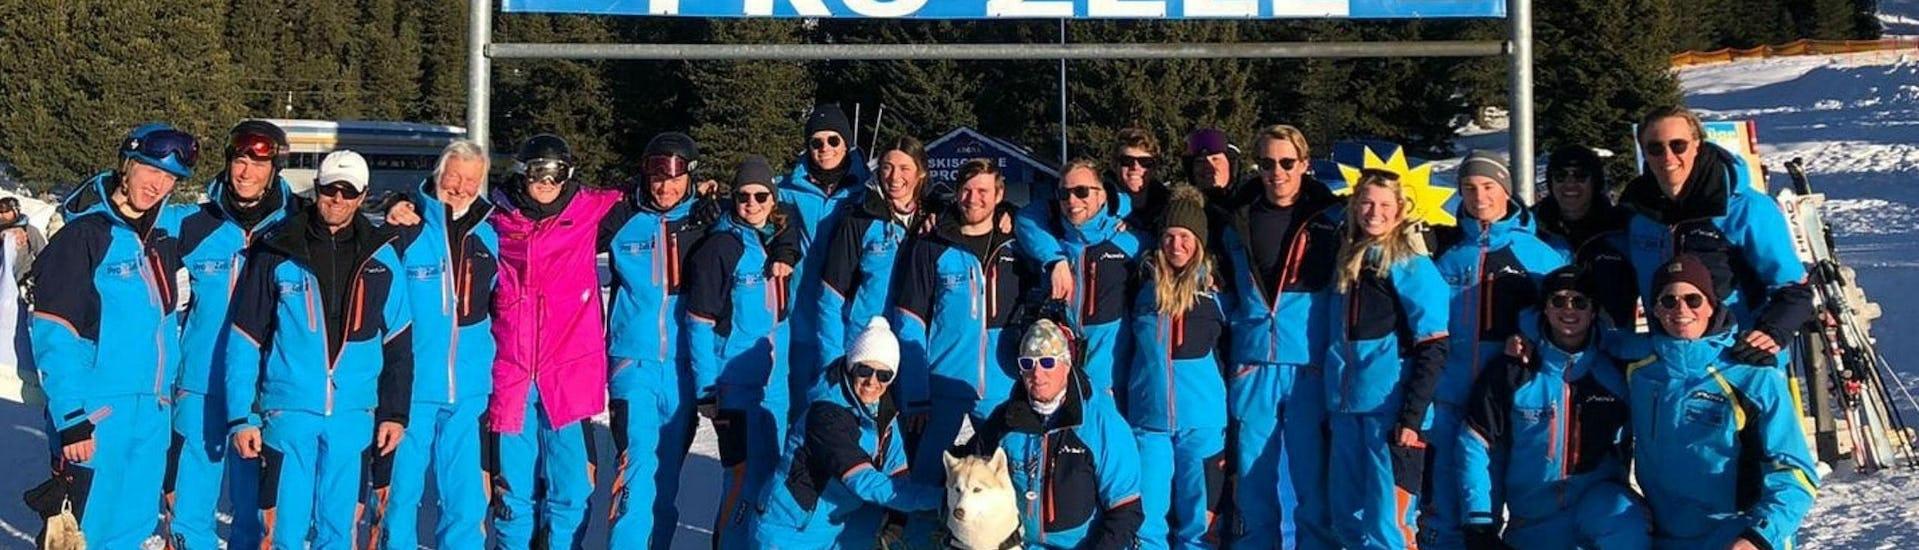 Die Skilehrer der Skischule Pro Zell in Zell am Ziller posieren für ein gemeinsames Gruppenfoto um ihr Angebot Privater Skikurs für Erwachsene - Alle Levels zu bewerben.